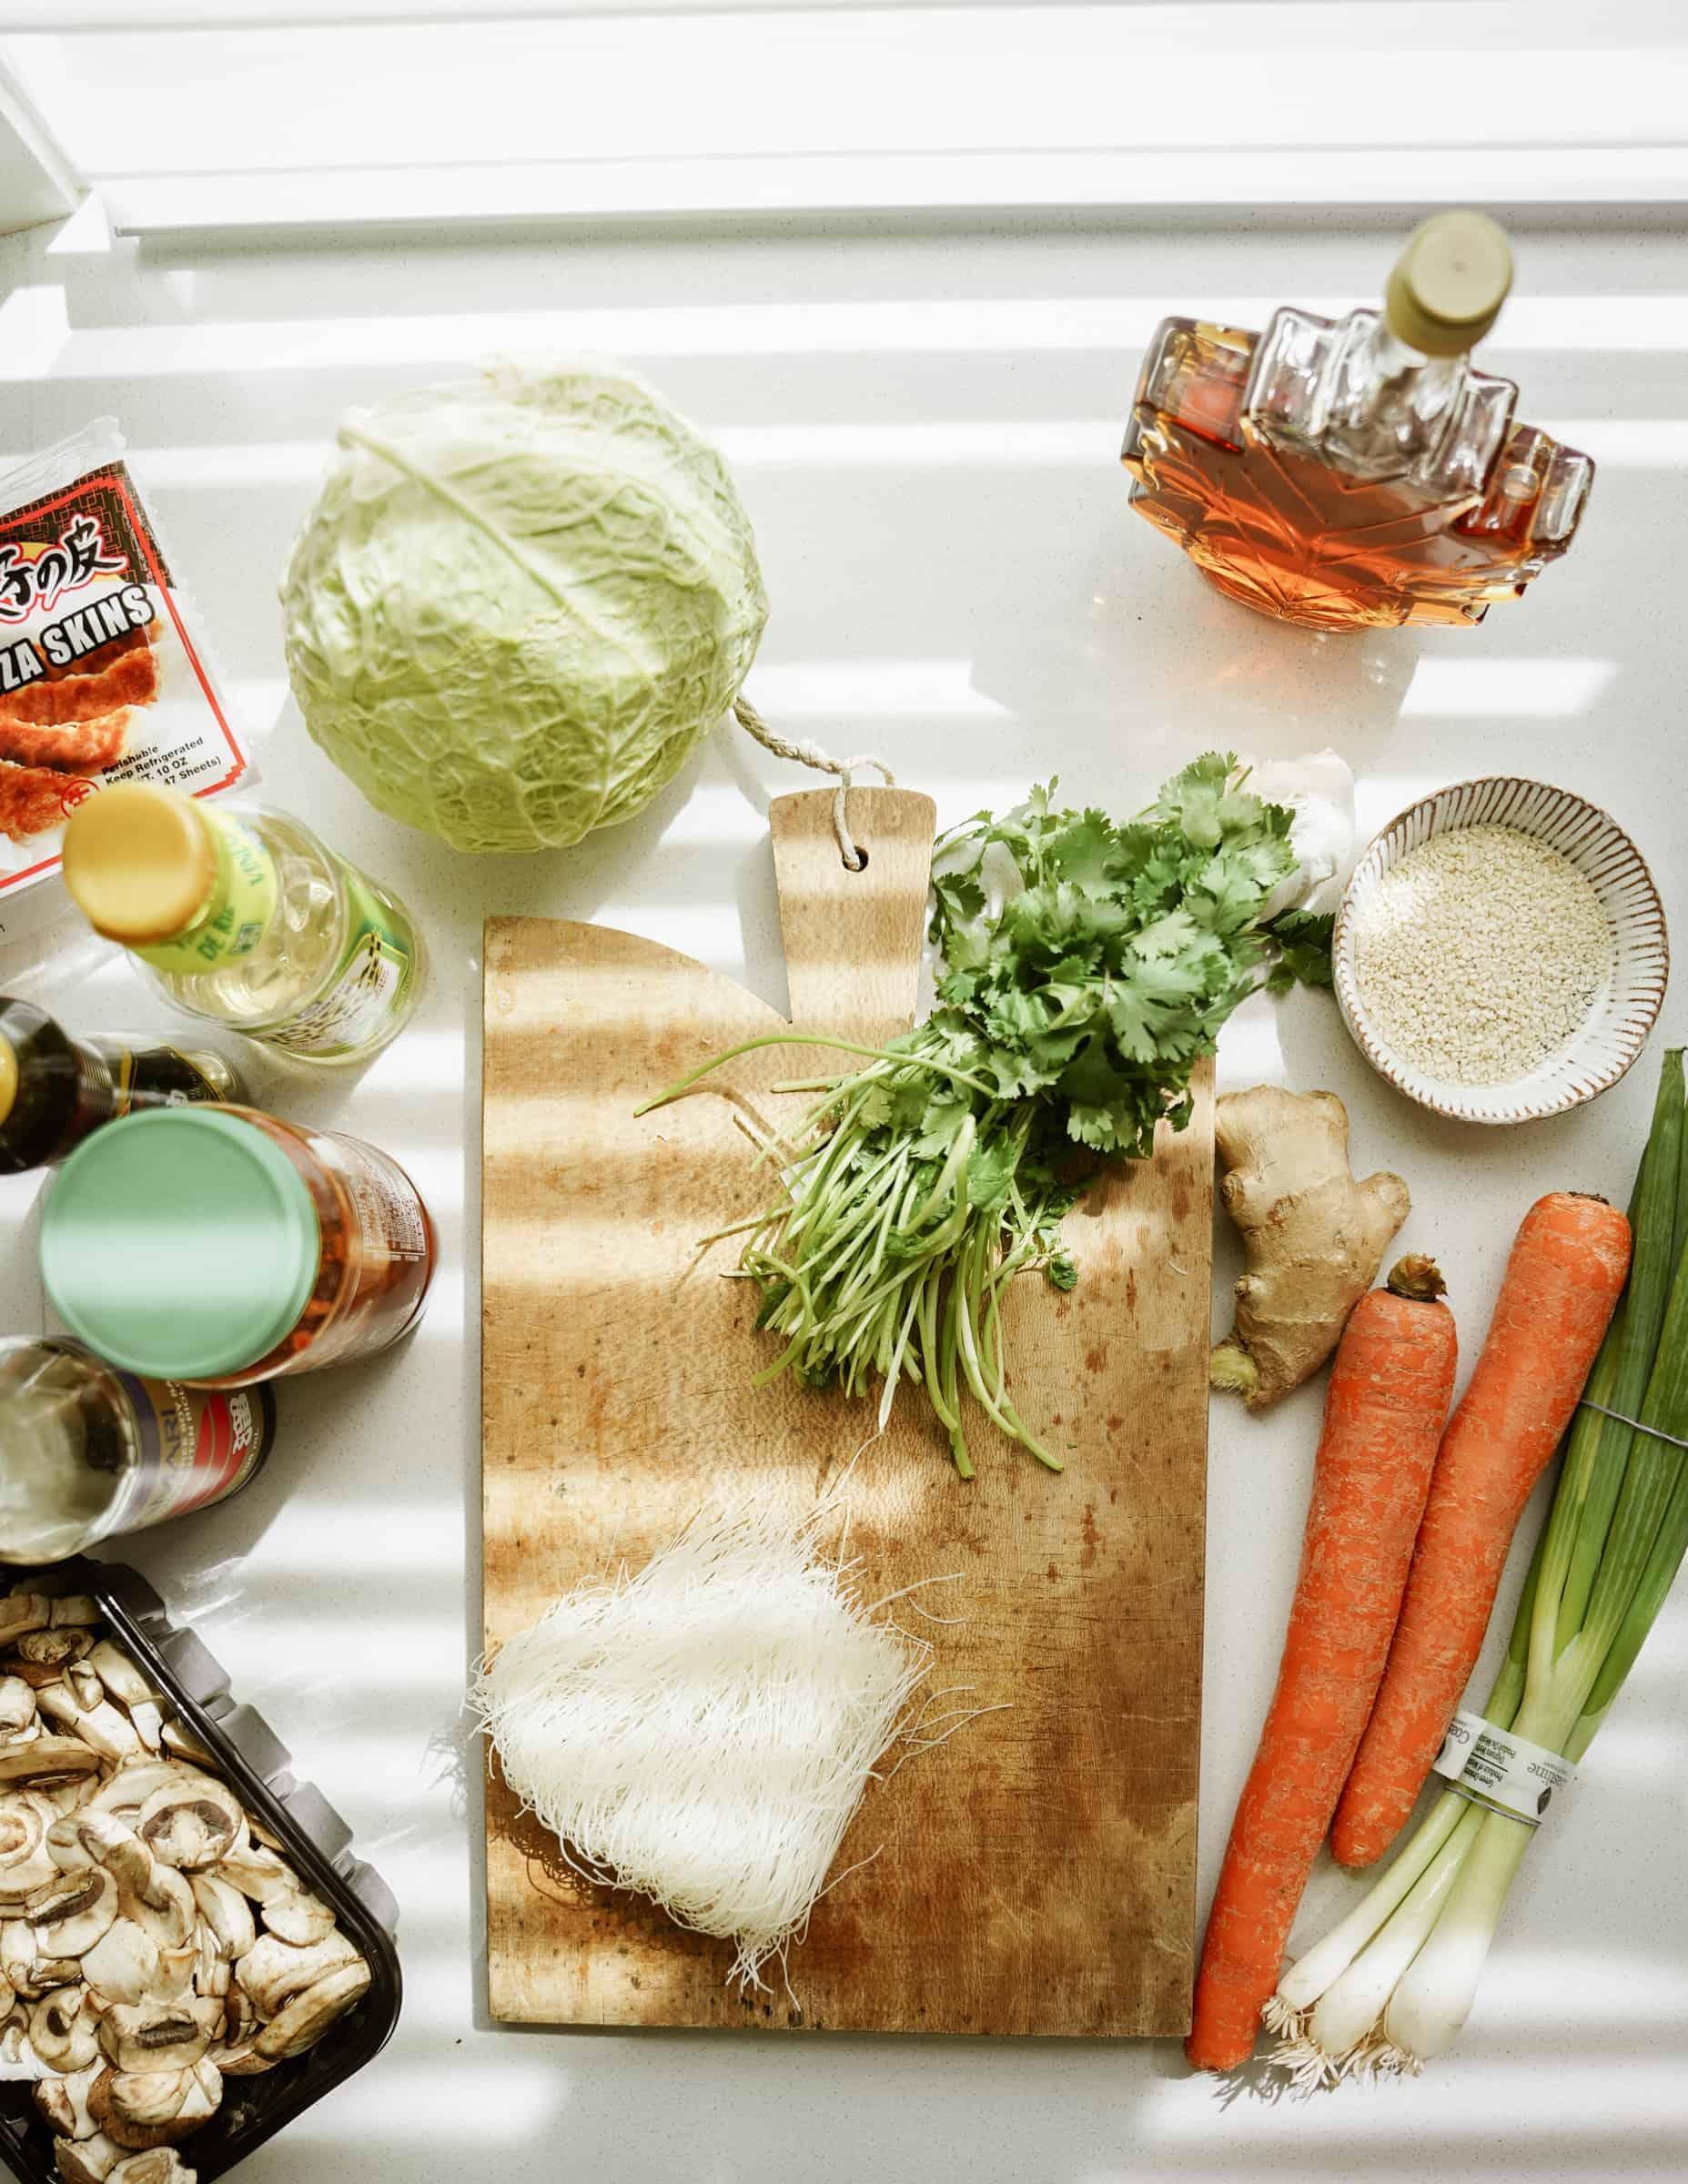 Ingredients for vegan potstickers